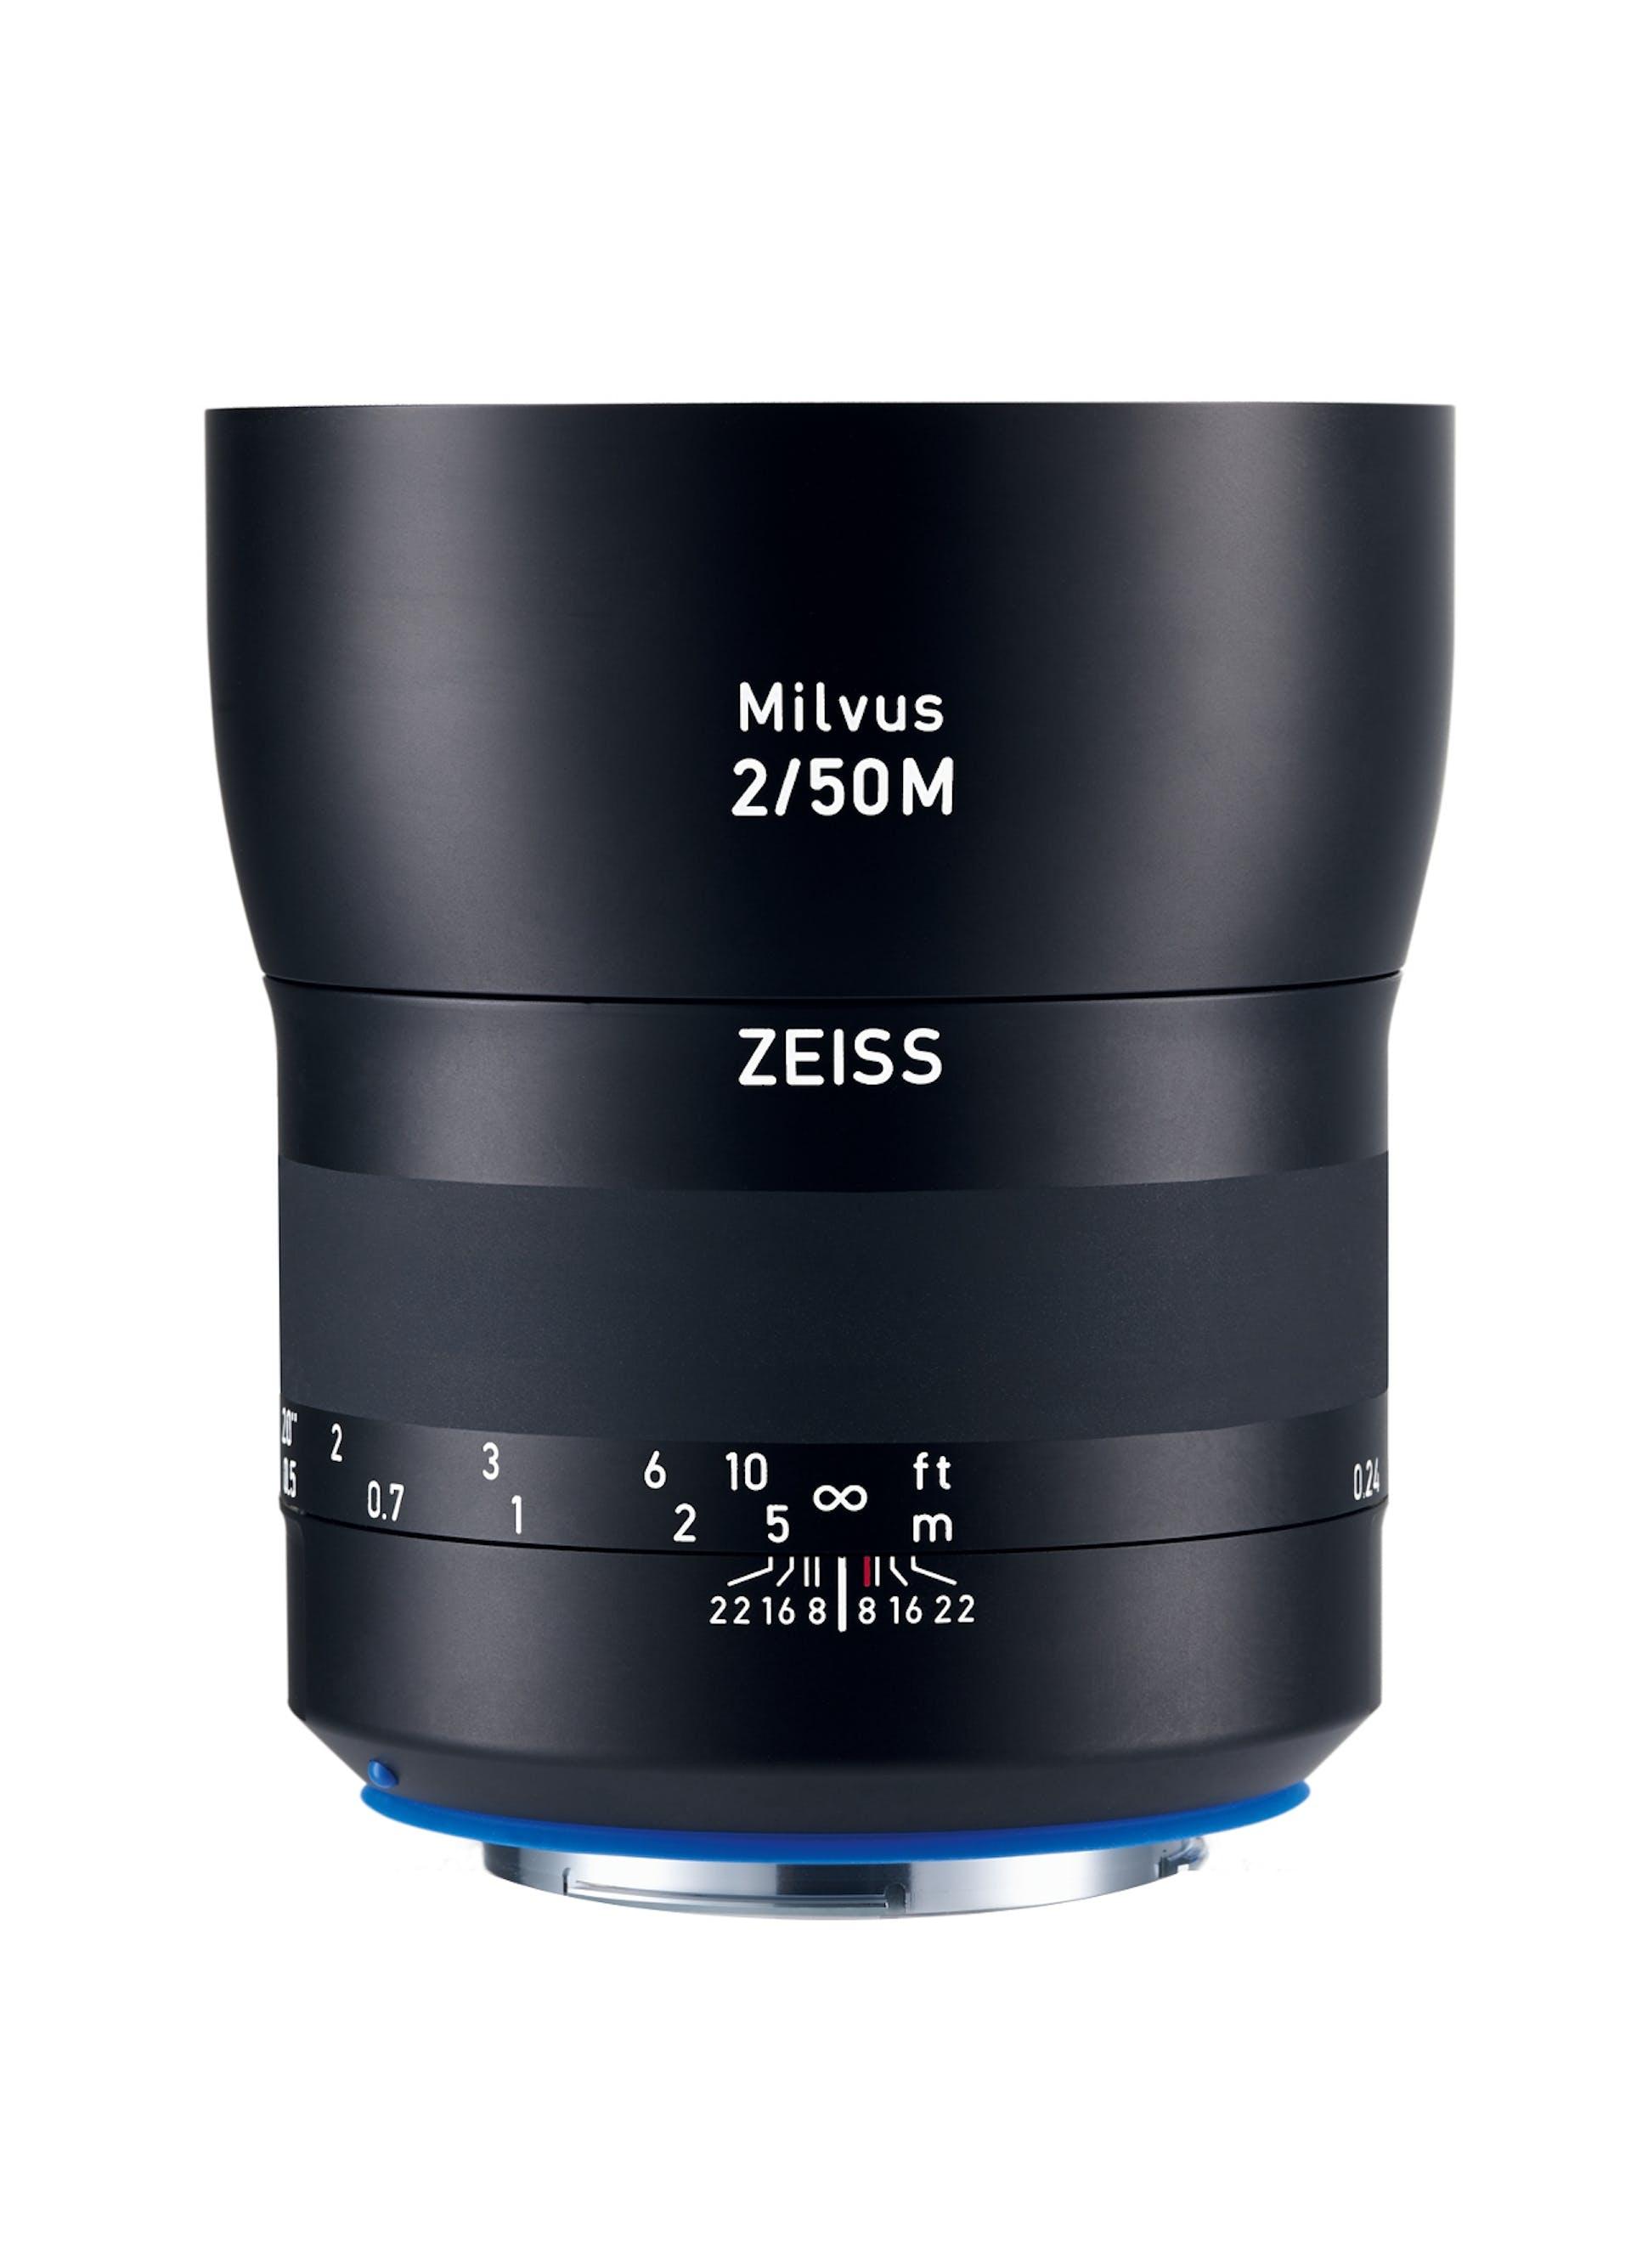 ZEISS Milvus 2/50M